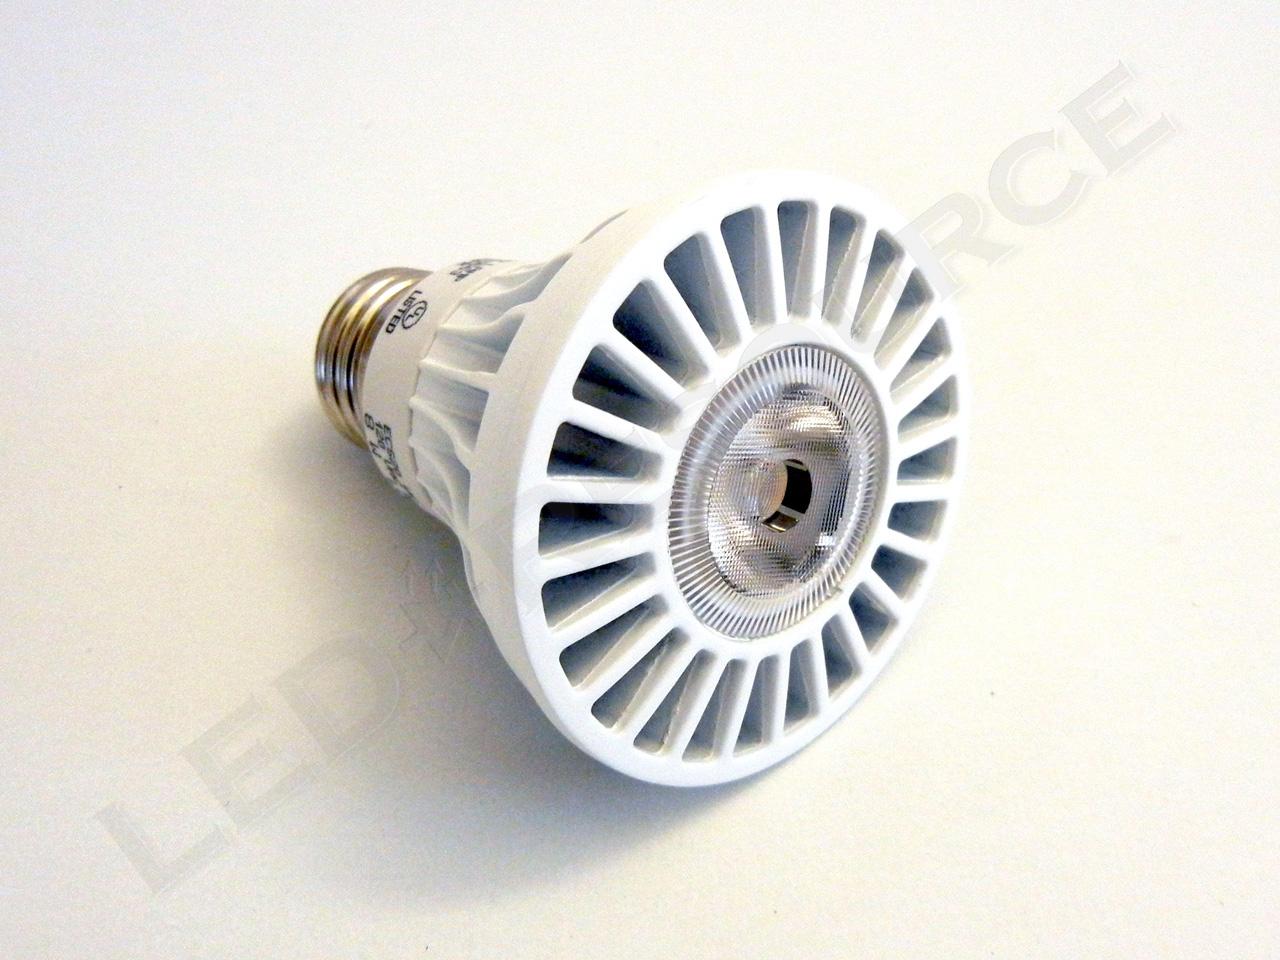 Home Depot EcoSmart PAR20 And PAR30 LED Bulb Review